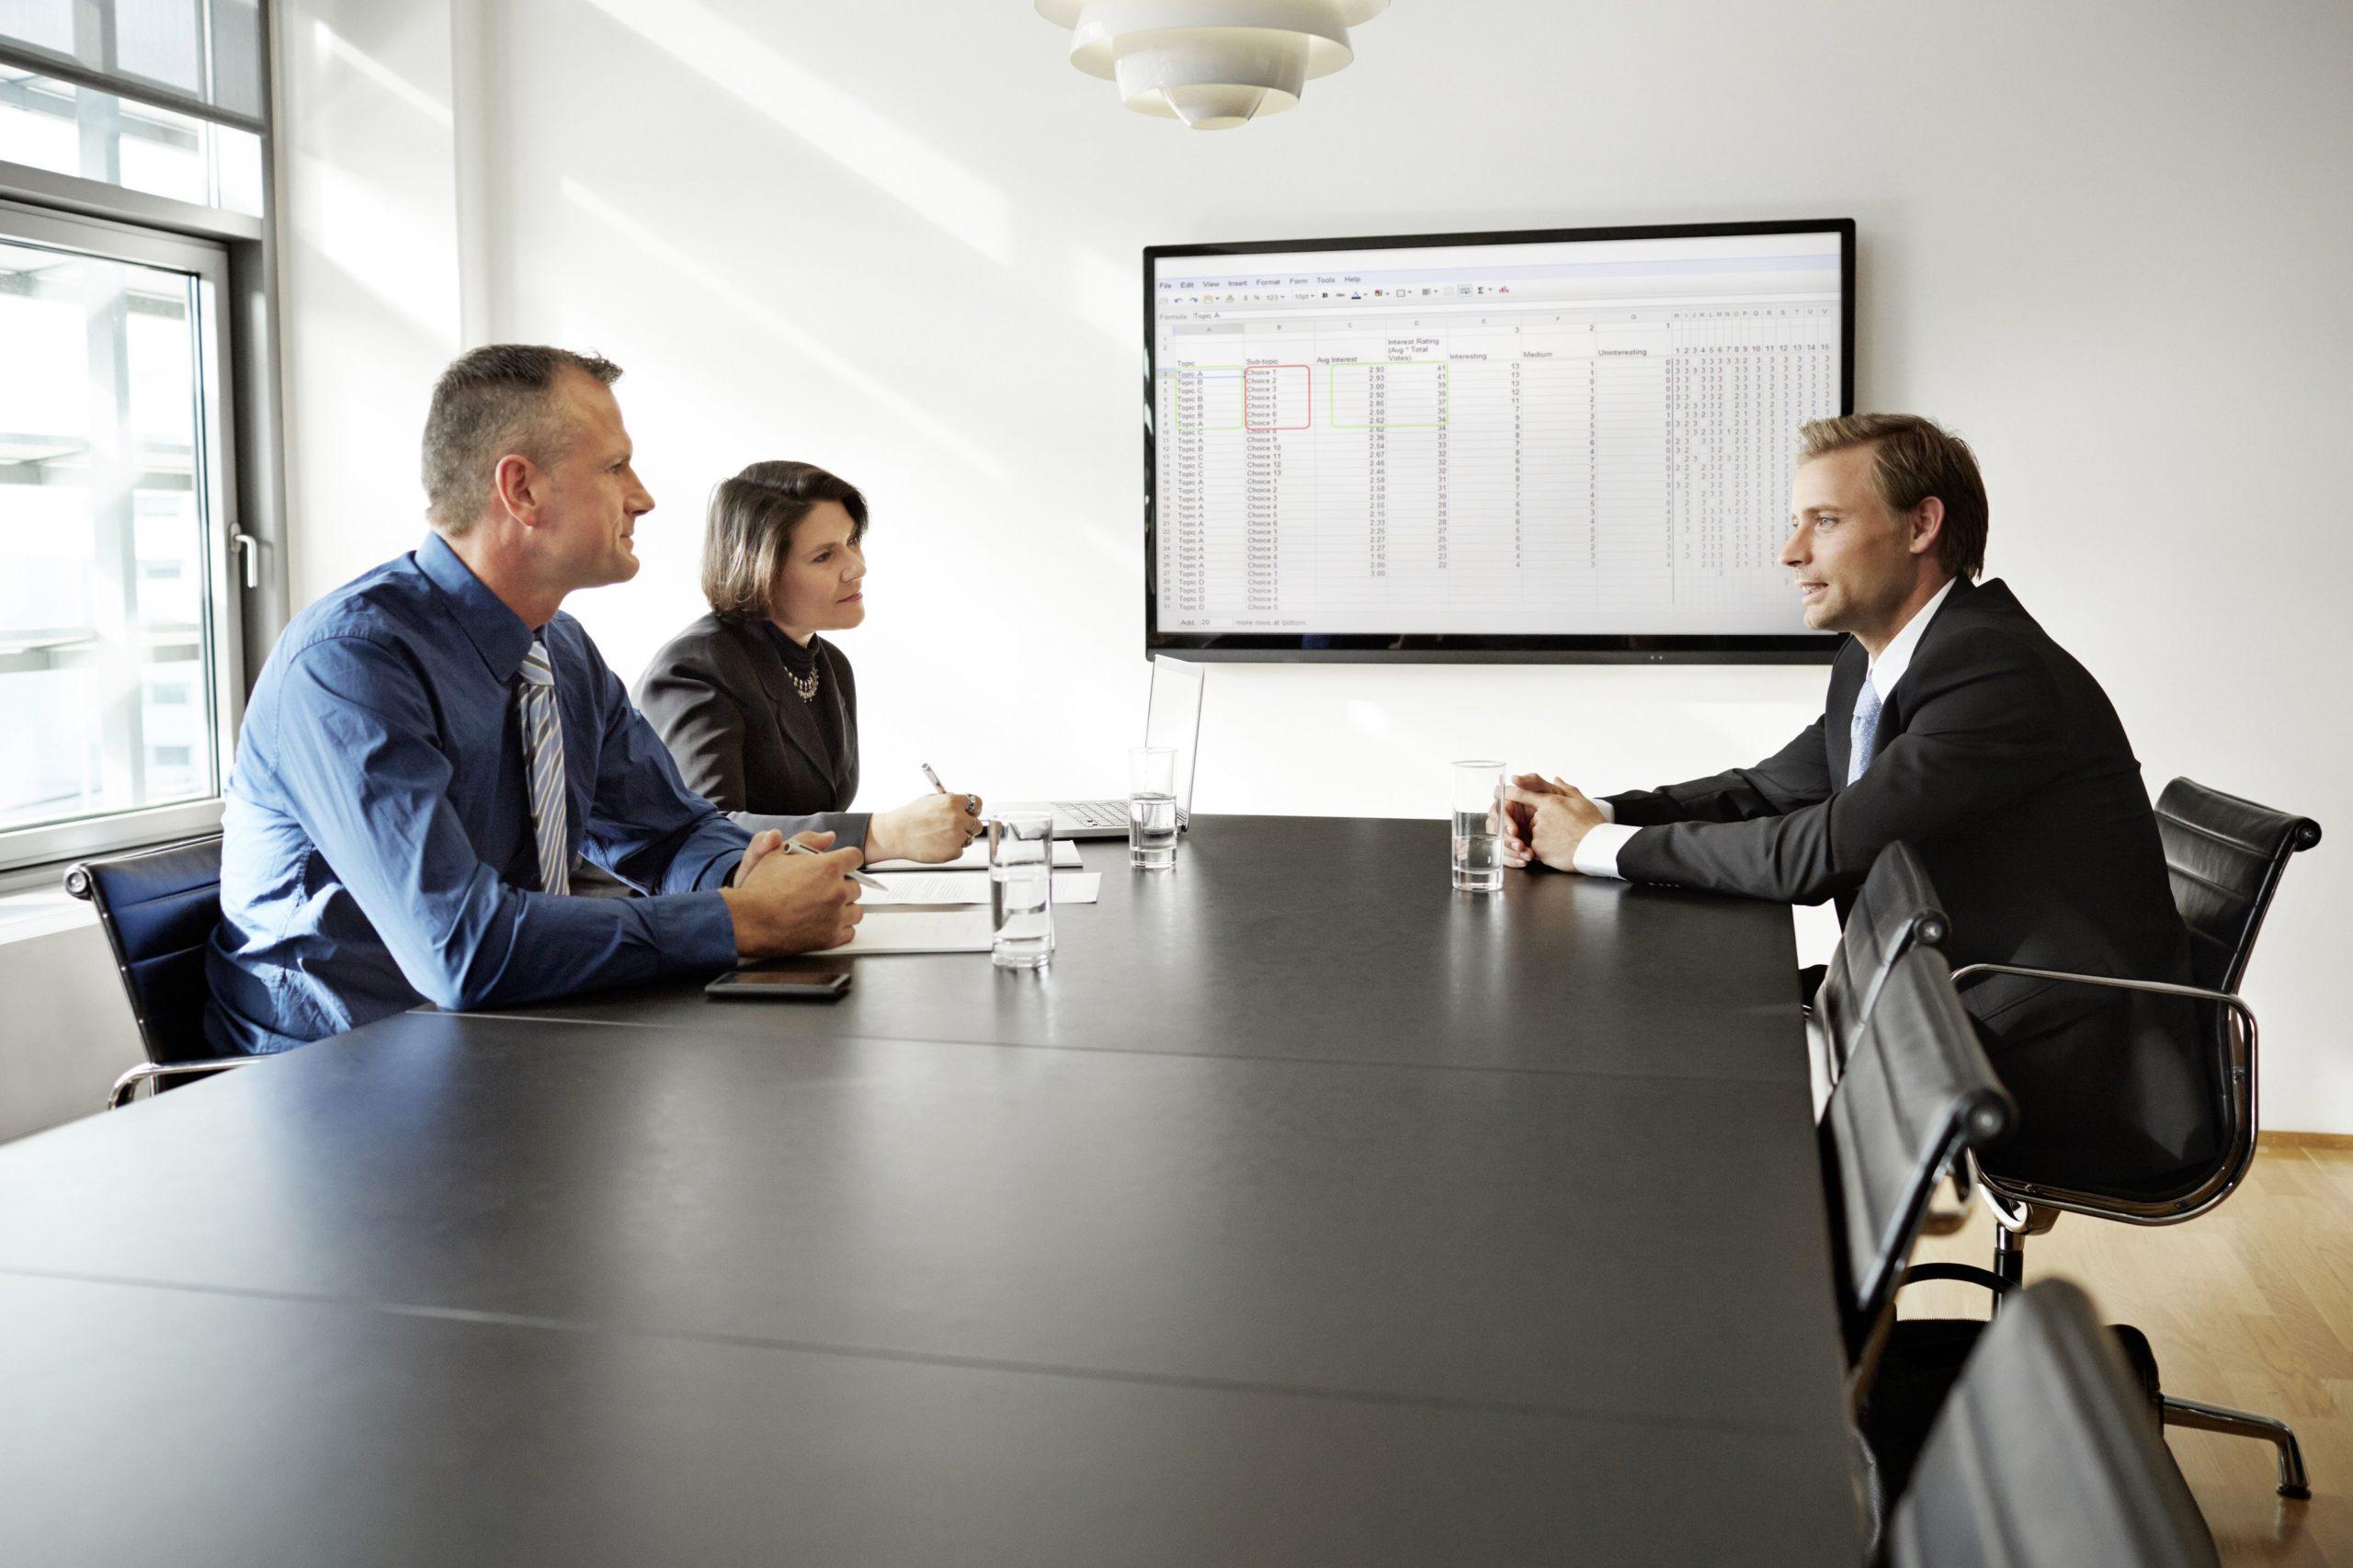 People talking in a meeting room